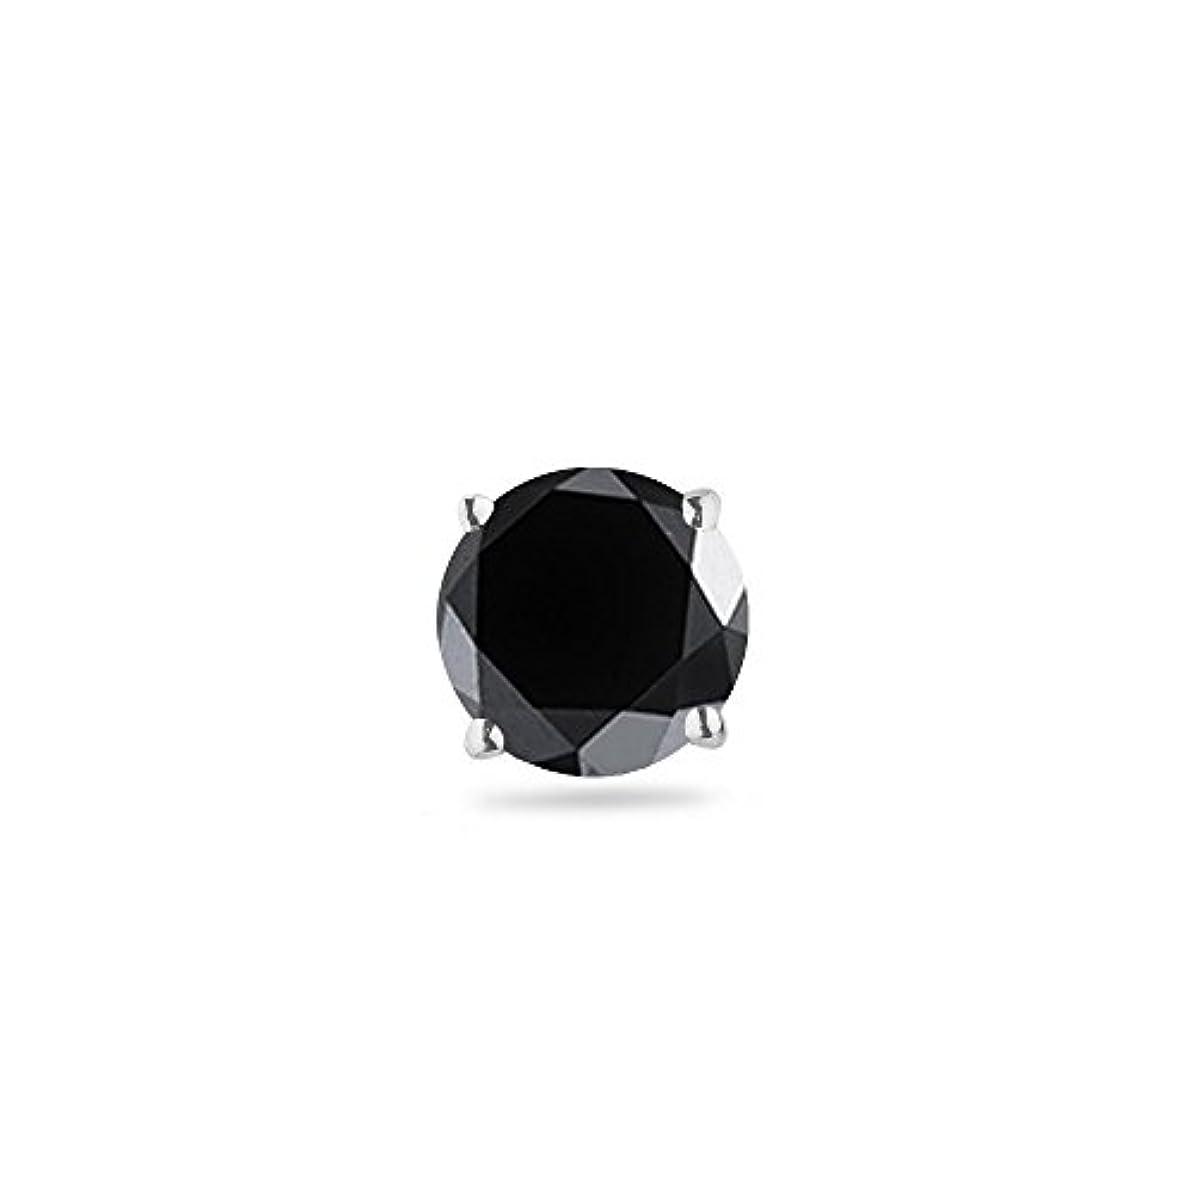 散文口ひげ入射クリスマスDeal – 1 / 4 ( 0.21 – 0.27 ) CTSの3.00 – 3.50 MM AAAラウンドブラックダイヤモンドメンズシングルスタッドイヤリングで14 kW gold-screw Backs